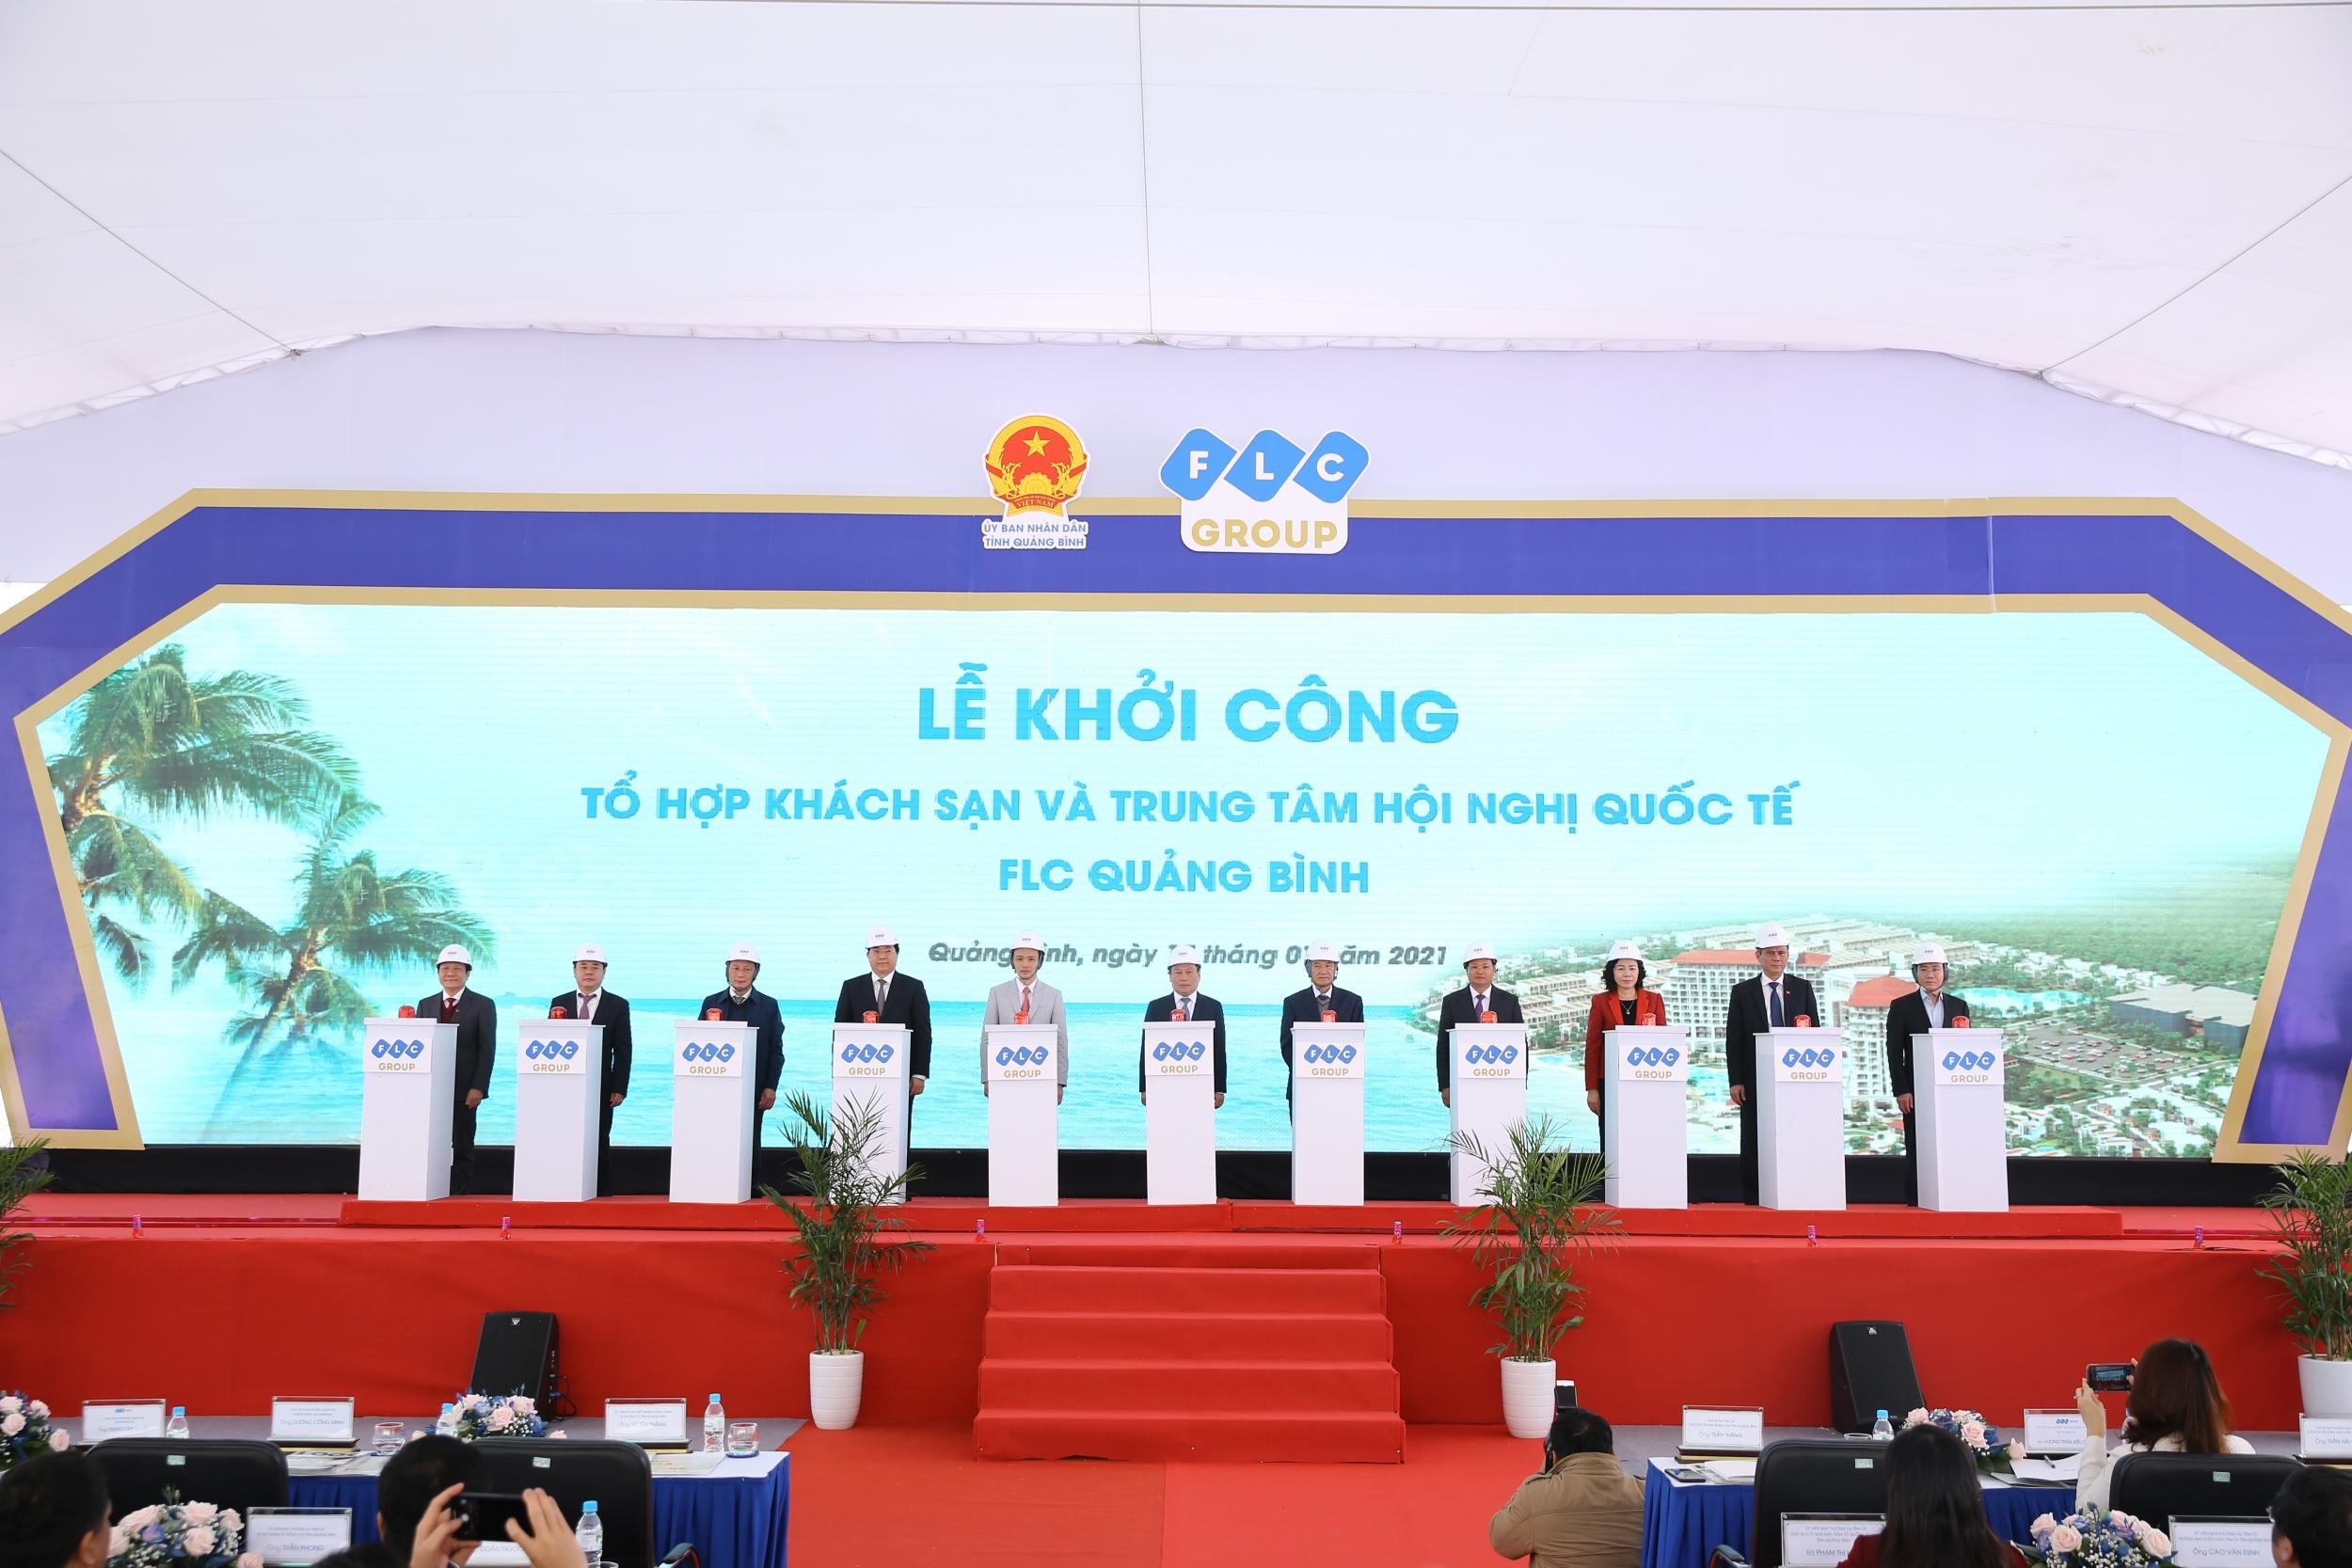 Dự án có quy mô bậc nhất miền Trung, Làn gió mới của du lịch Quảng Bình